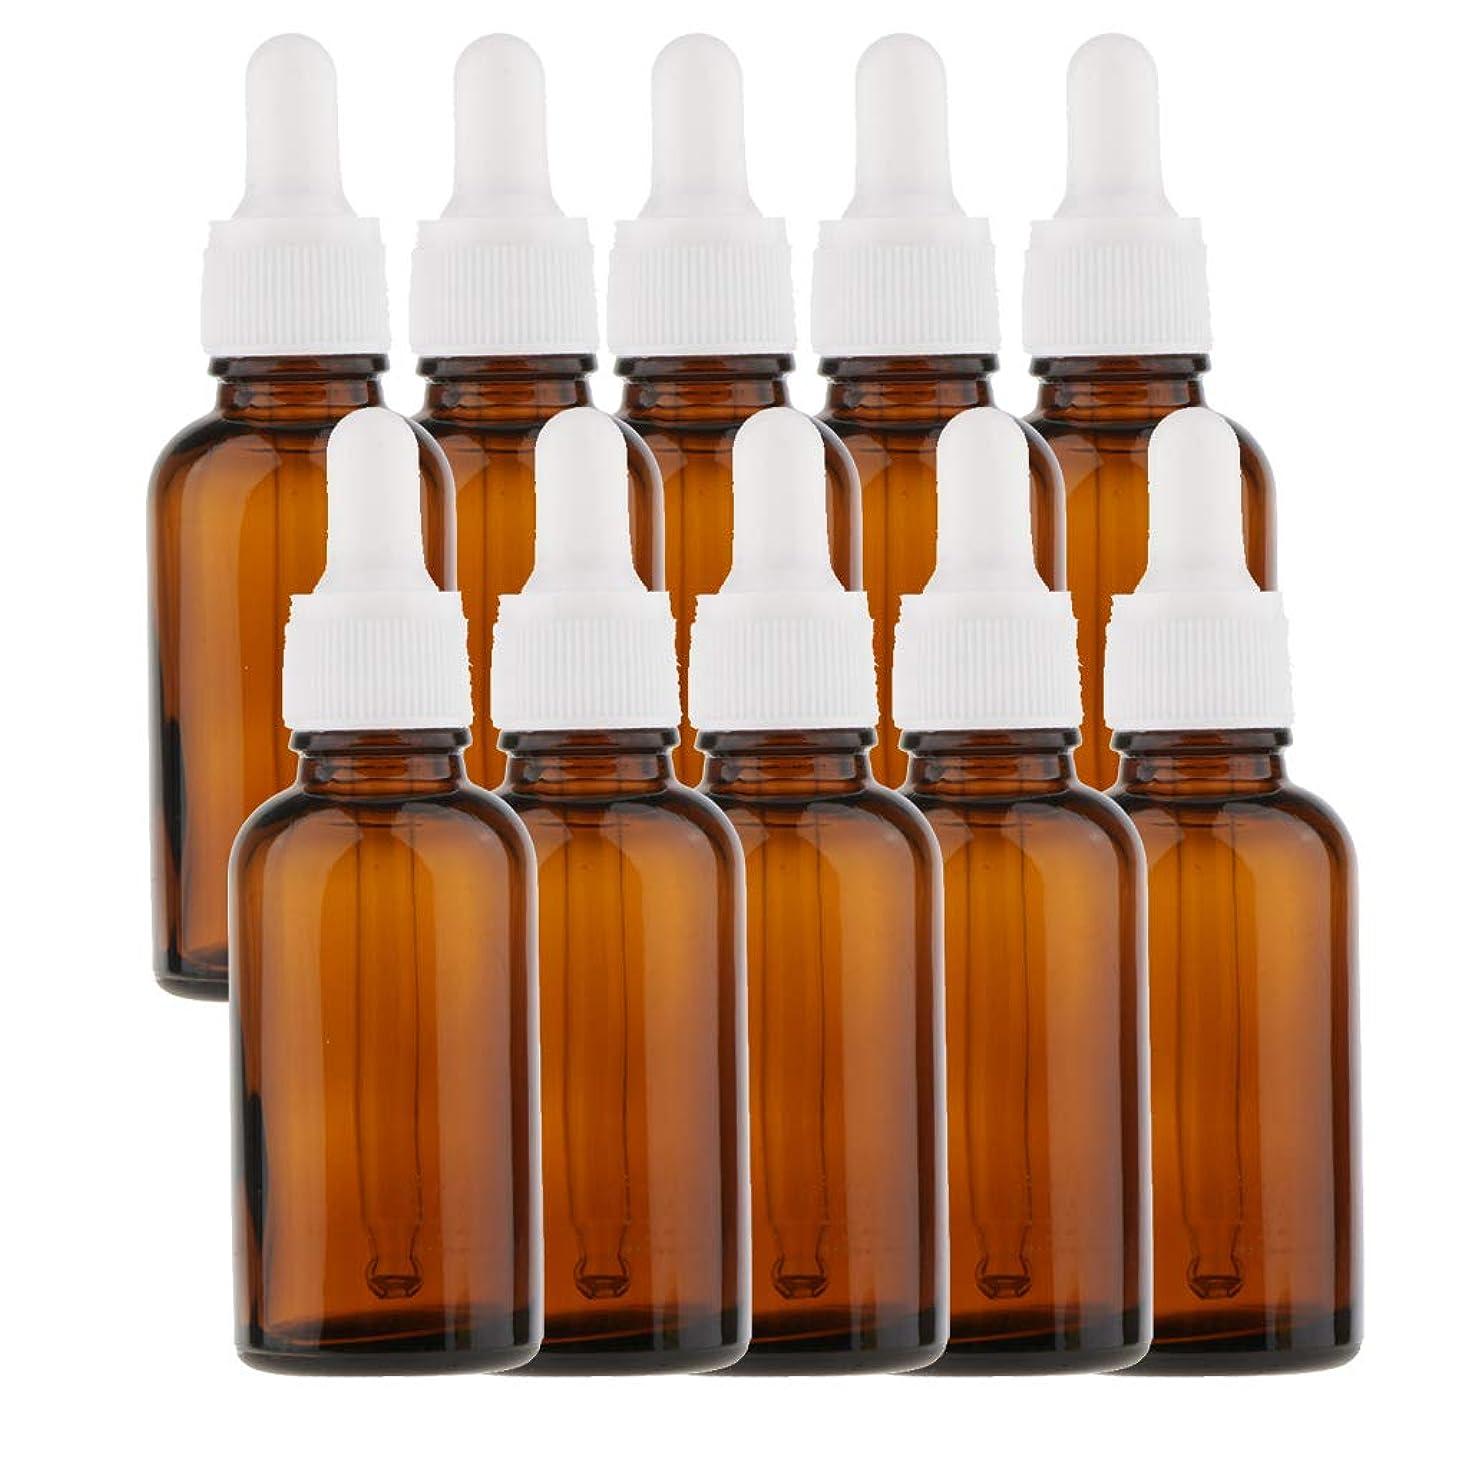 確立害従事する10個 オイルボトル 空ボトル ガラス コスメ用 詰替え ドロッパー バイアル チューブ 旅行小物 5サイズ選べる - 30ml